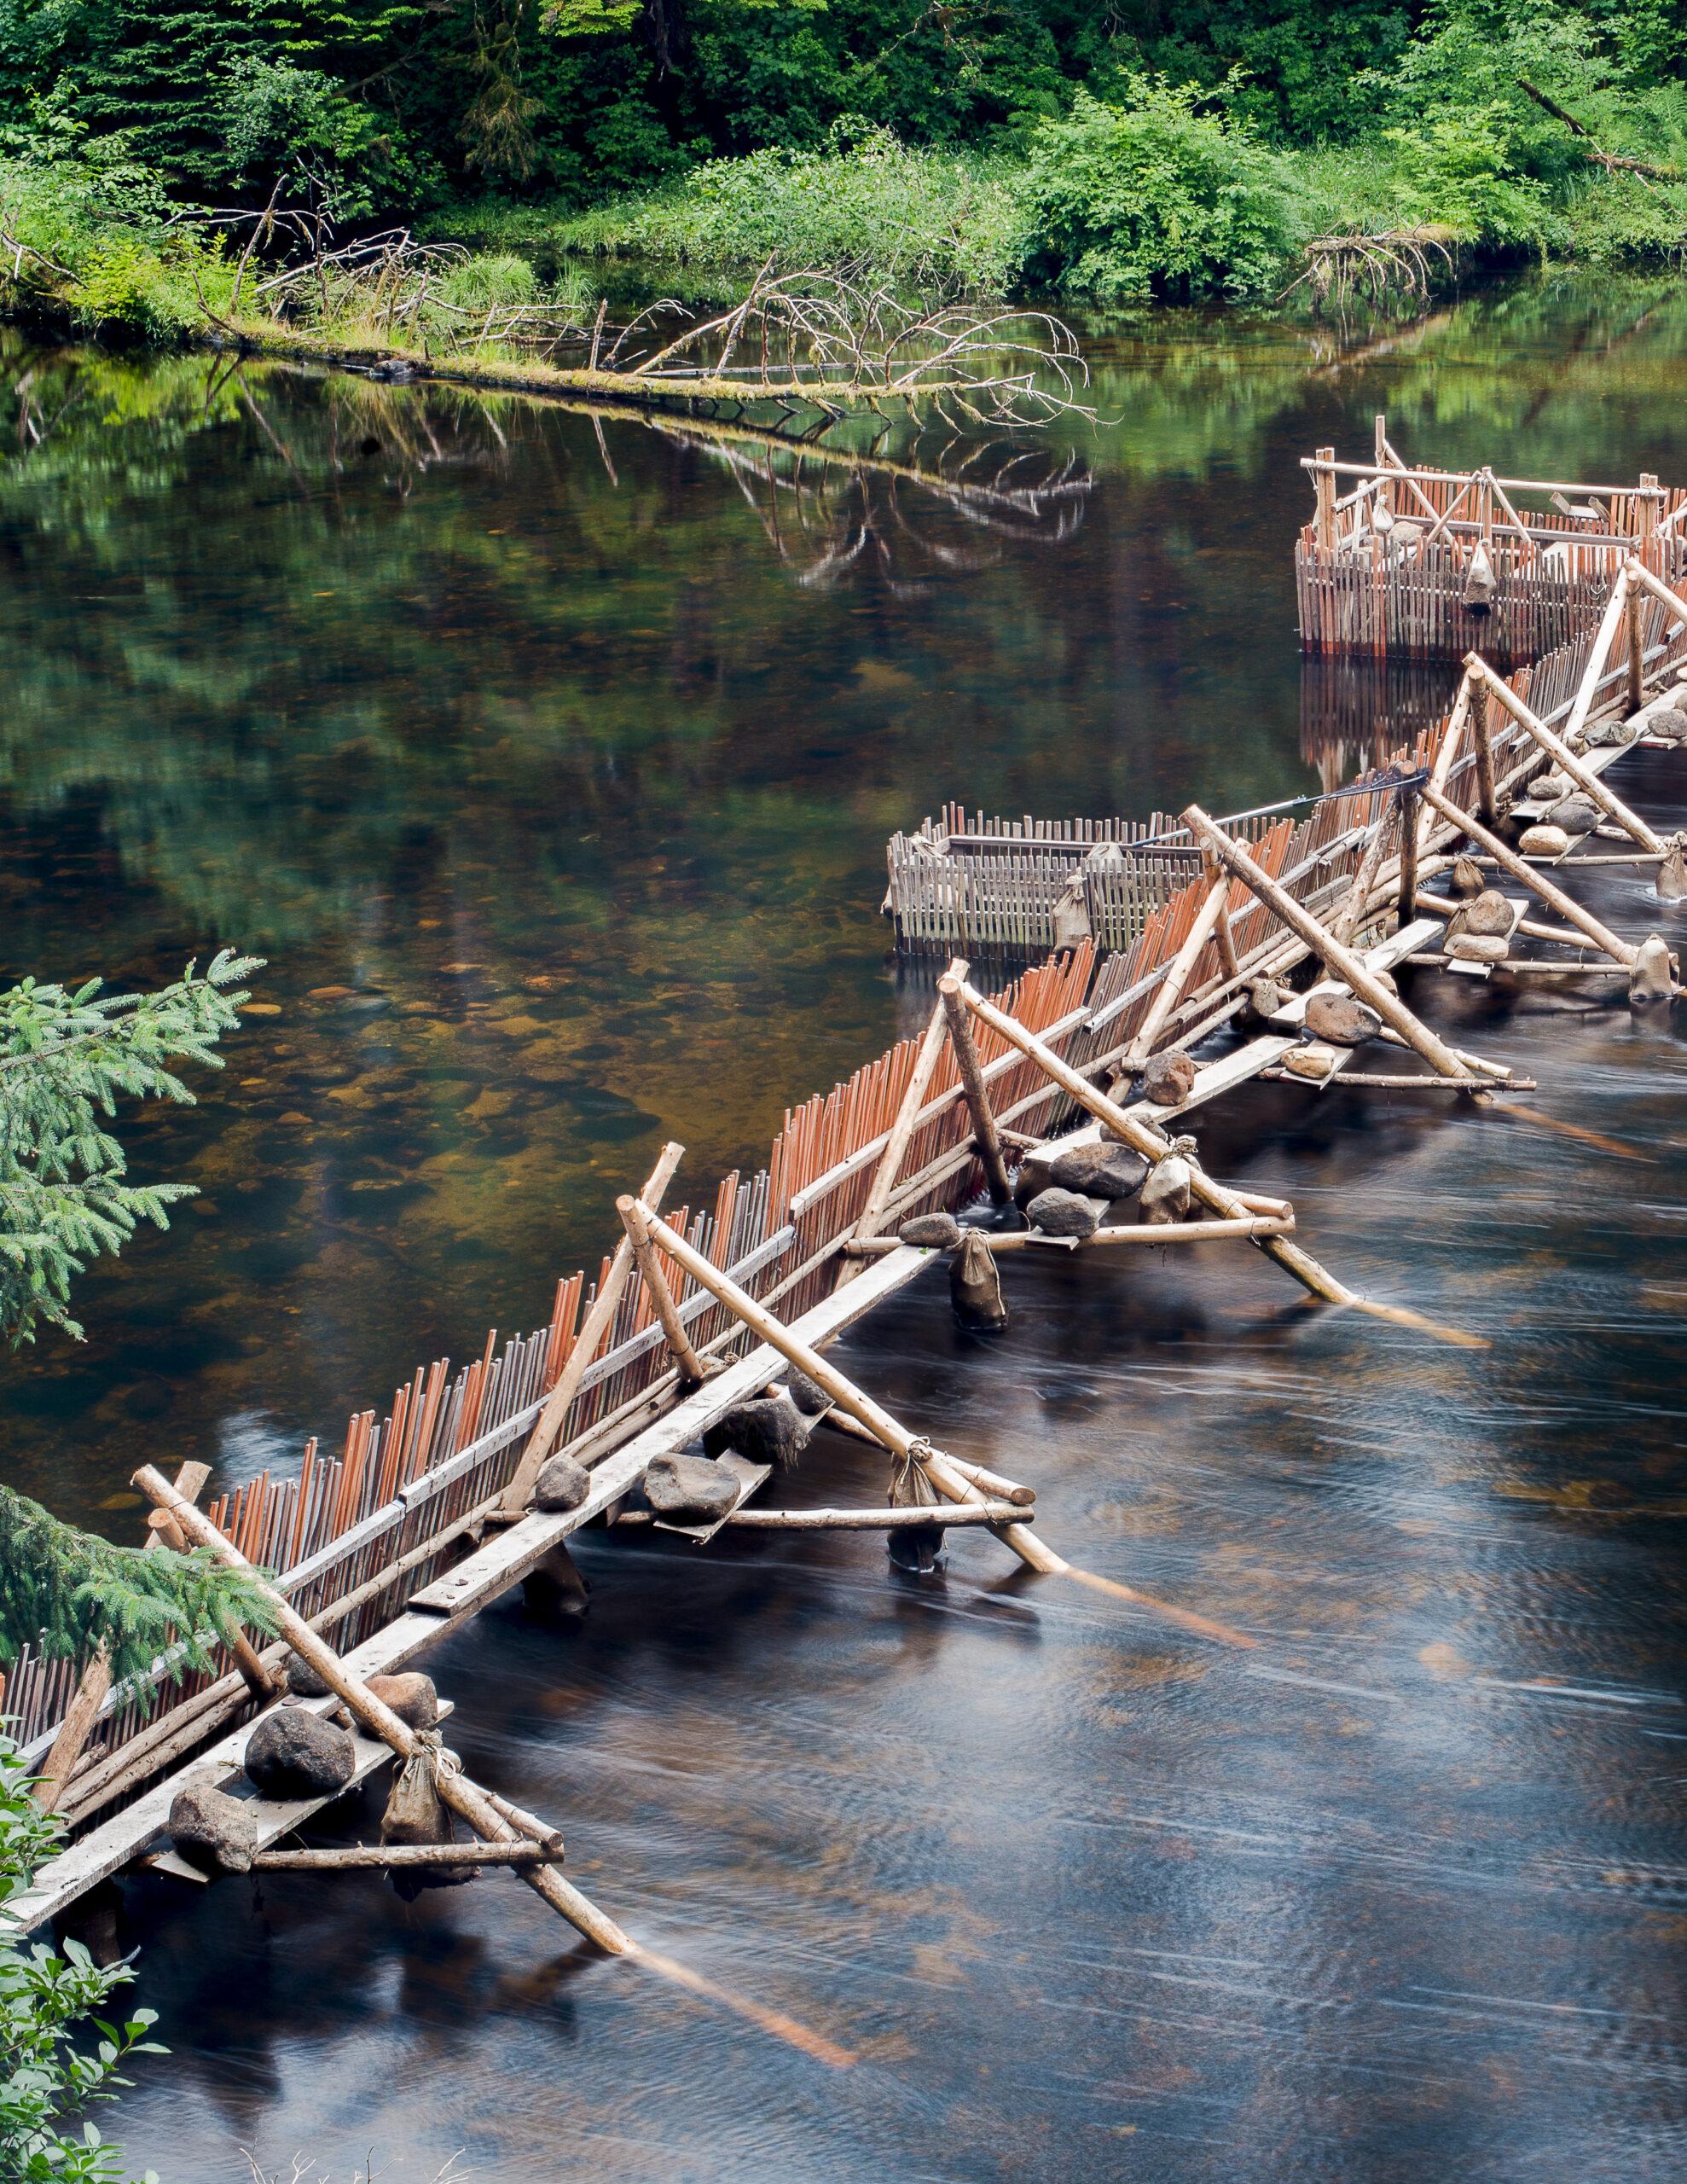 weir spanning across a river